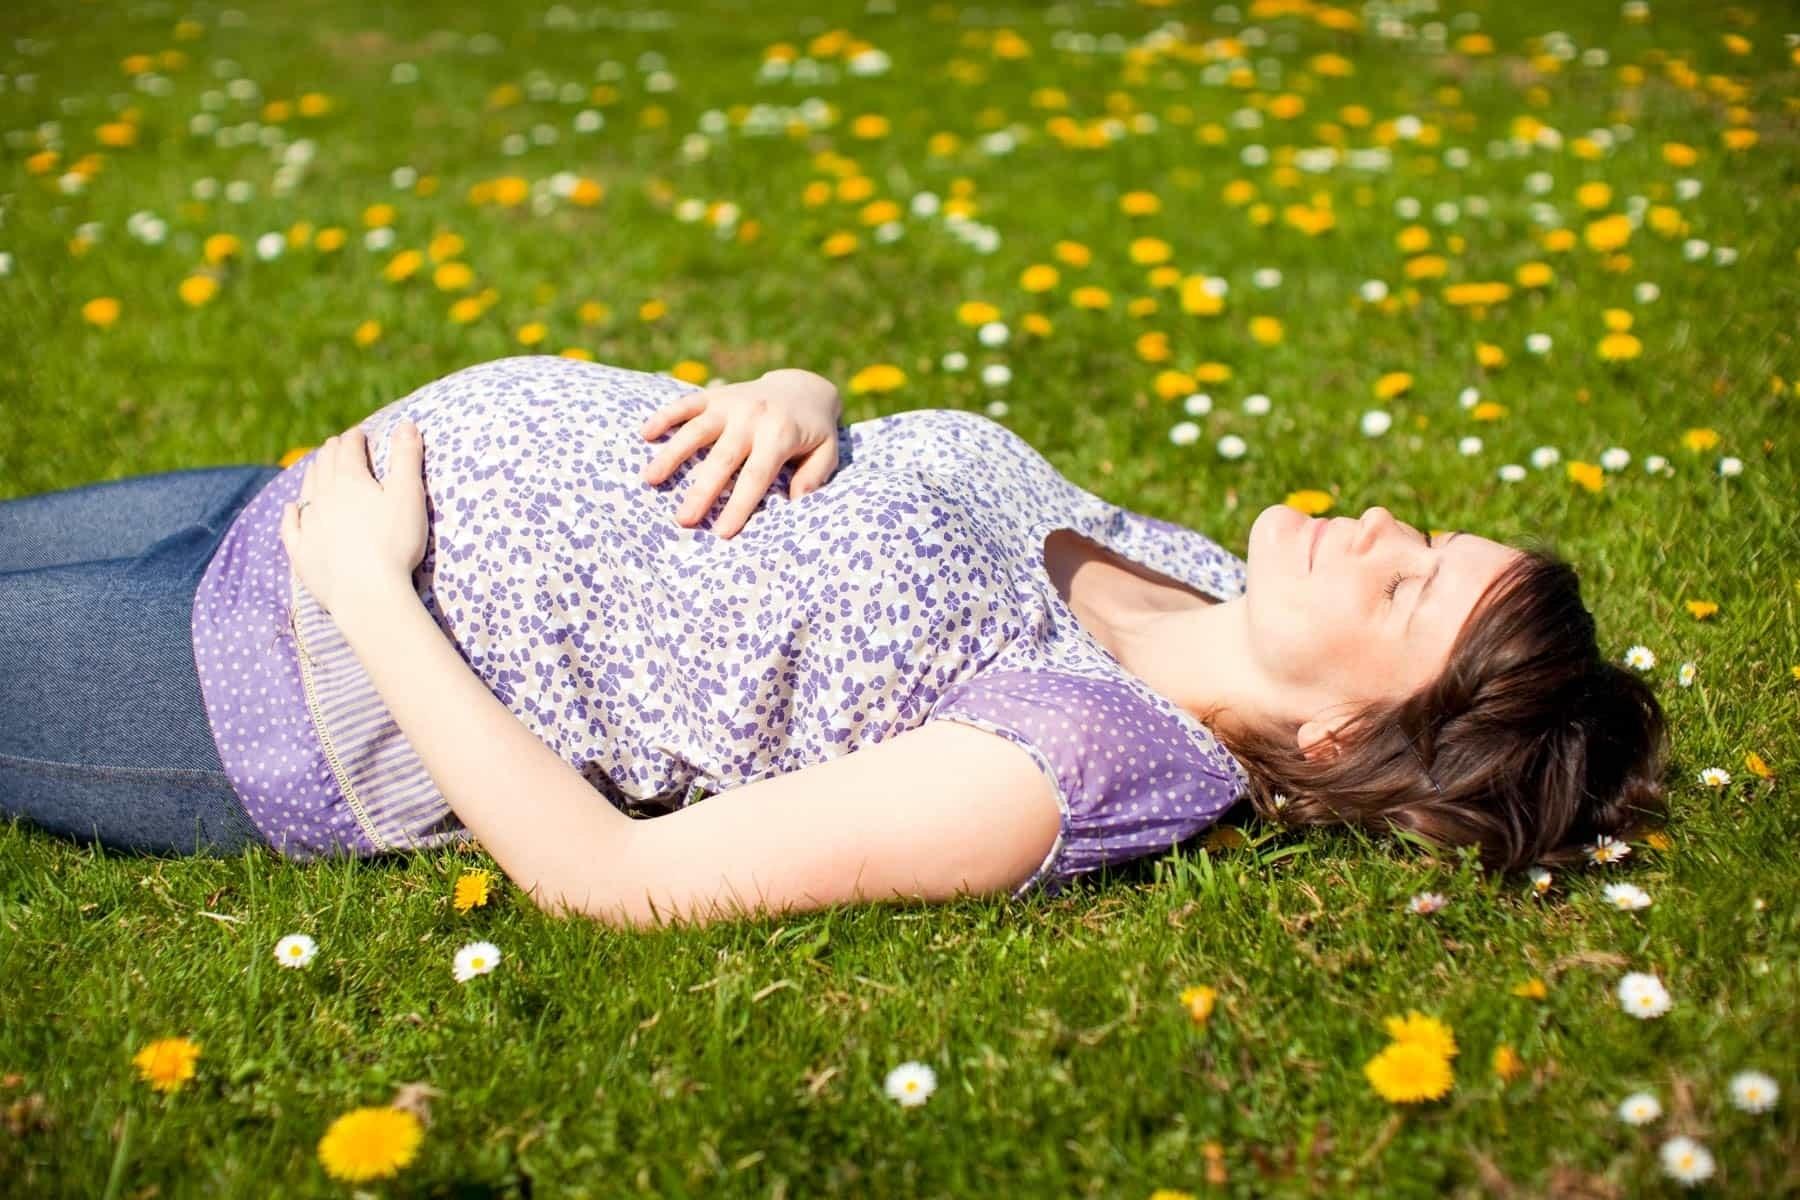 Mẹ bầu nên tiếp xúc với ánh nắng thường xuyên để cung cấp vitamin D cho cơ thể